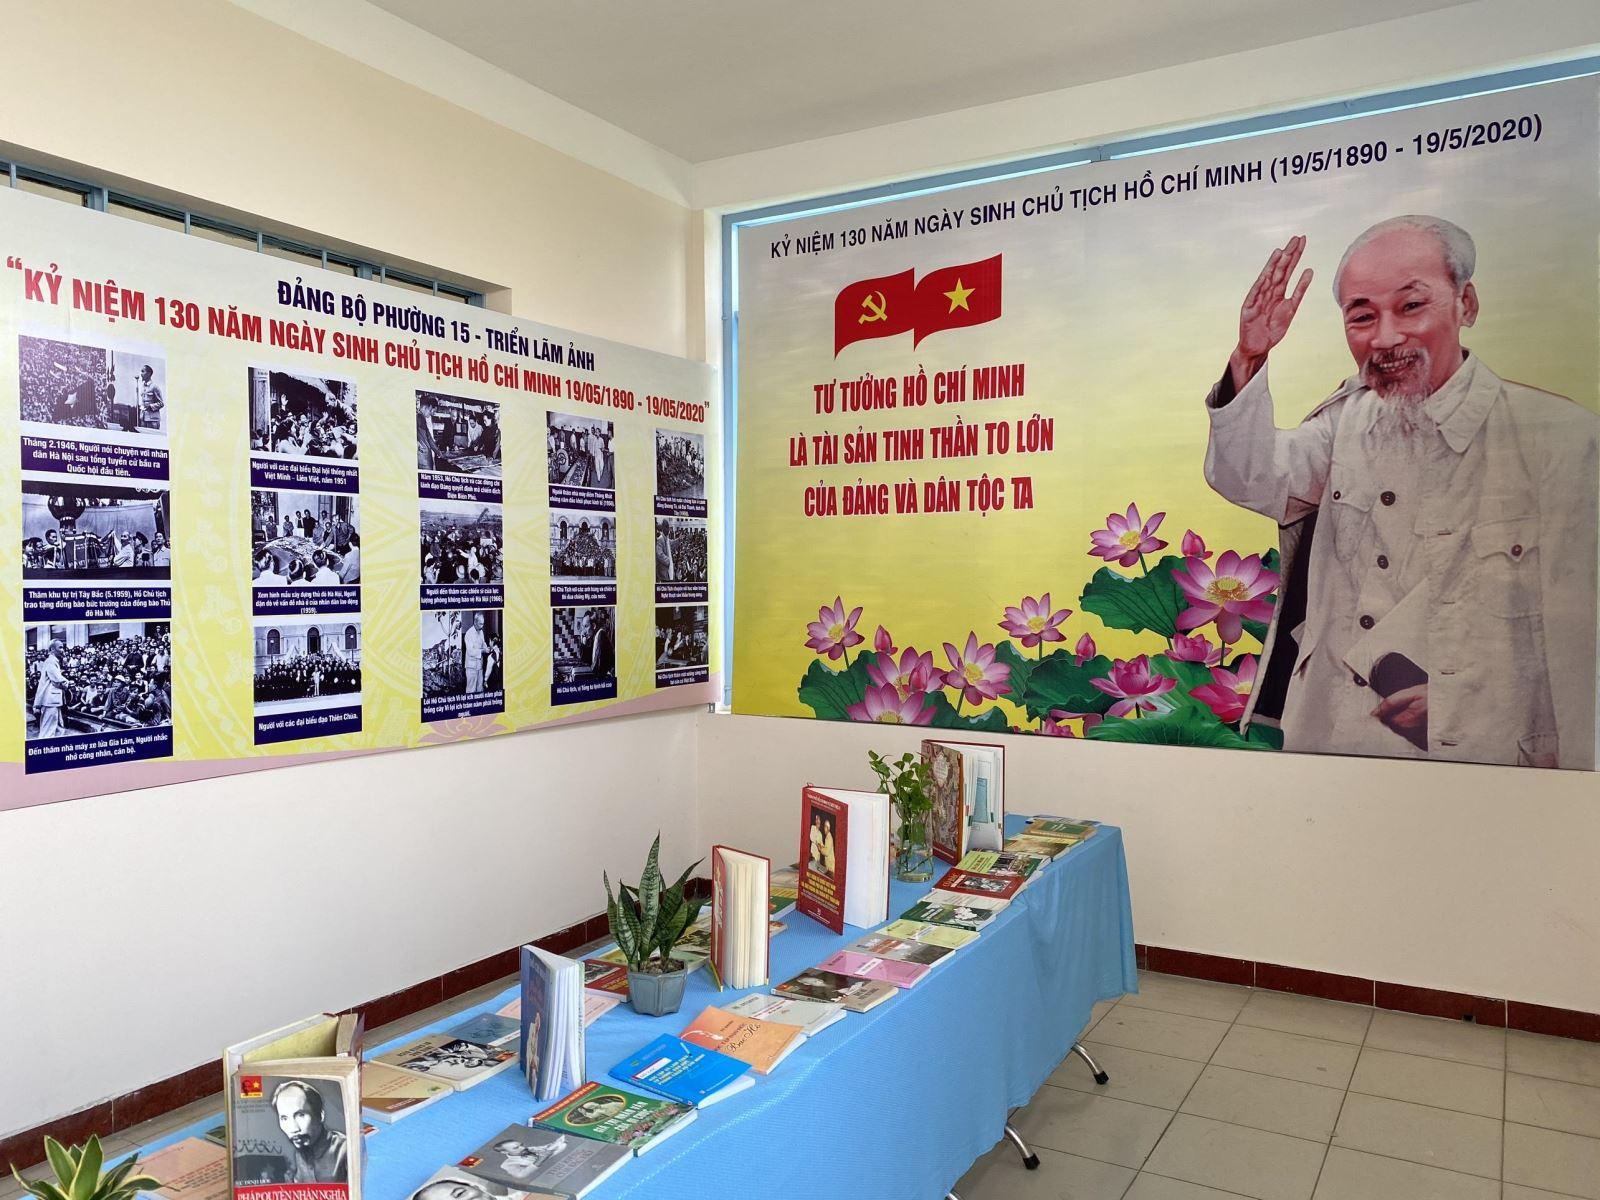 Phường 15: Tổ chức Triển lãm sách và ảnh về cuộc đời, sự nghiệp của Chủ tịch Hồ Chí Minh